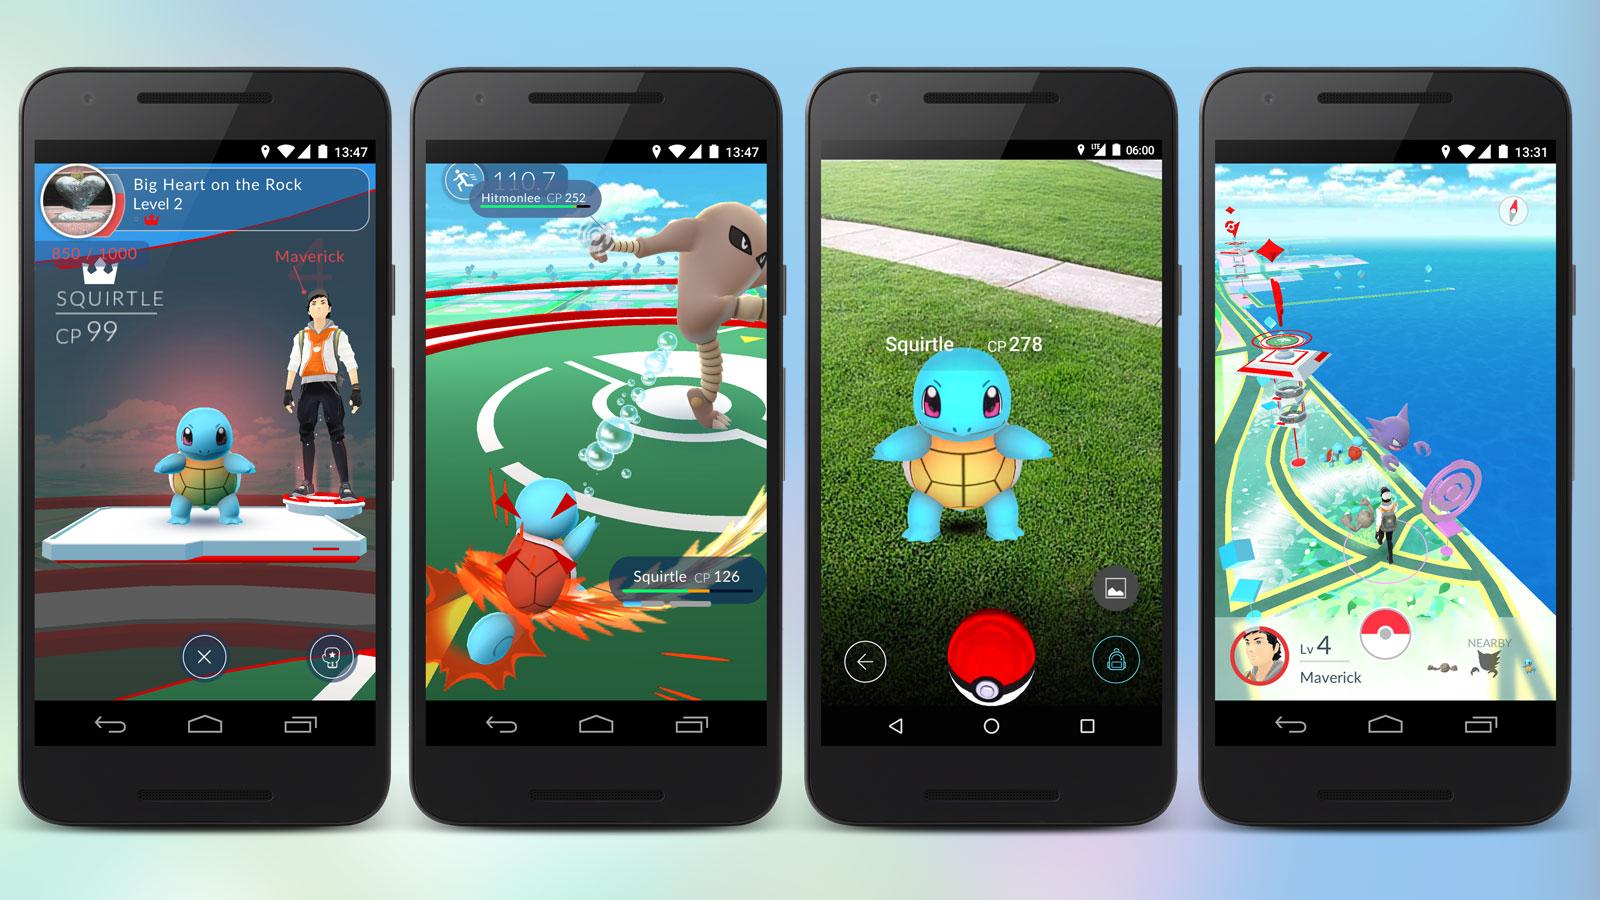 Vier Smartphones mit Screenshots von Pokémon GO.